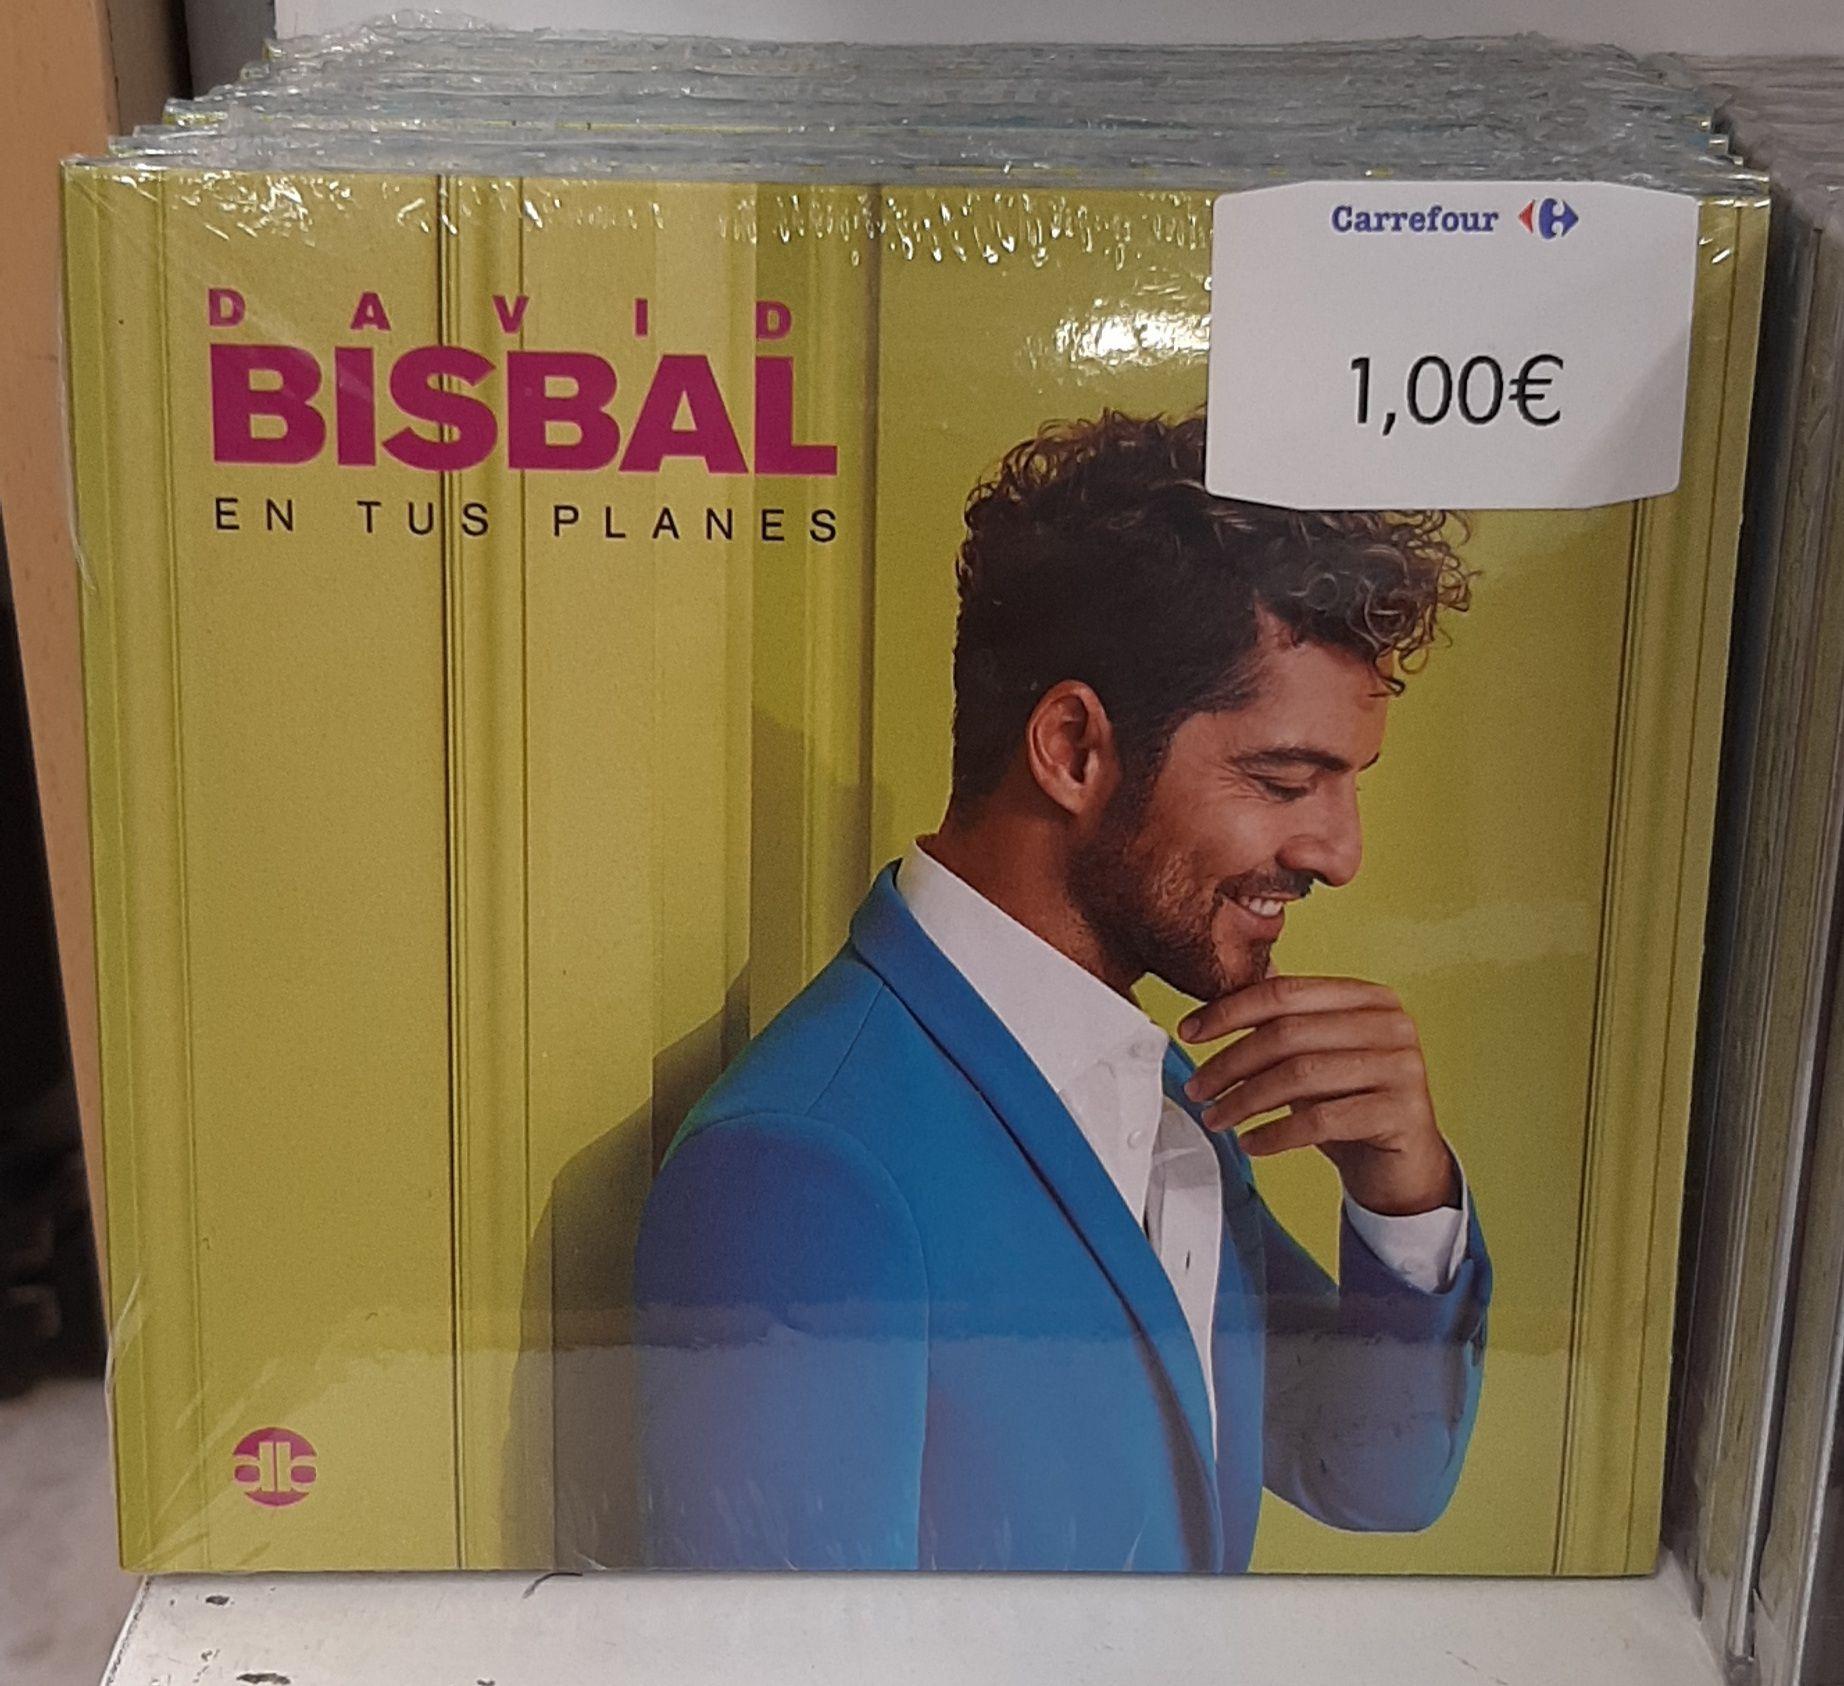 Cd David Bisbal - En tus planes en Carrefour los Patios - Malaga